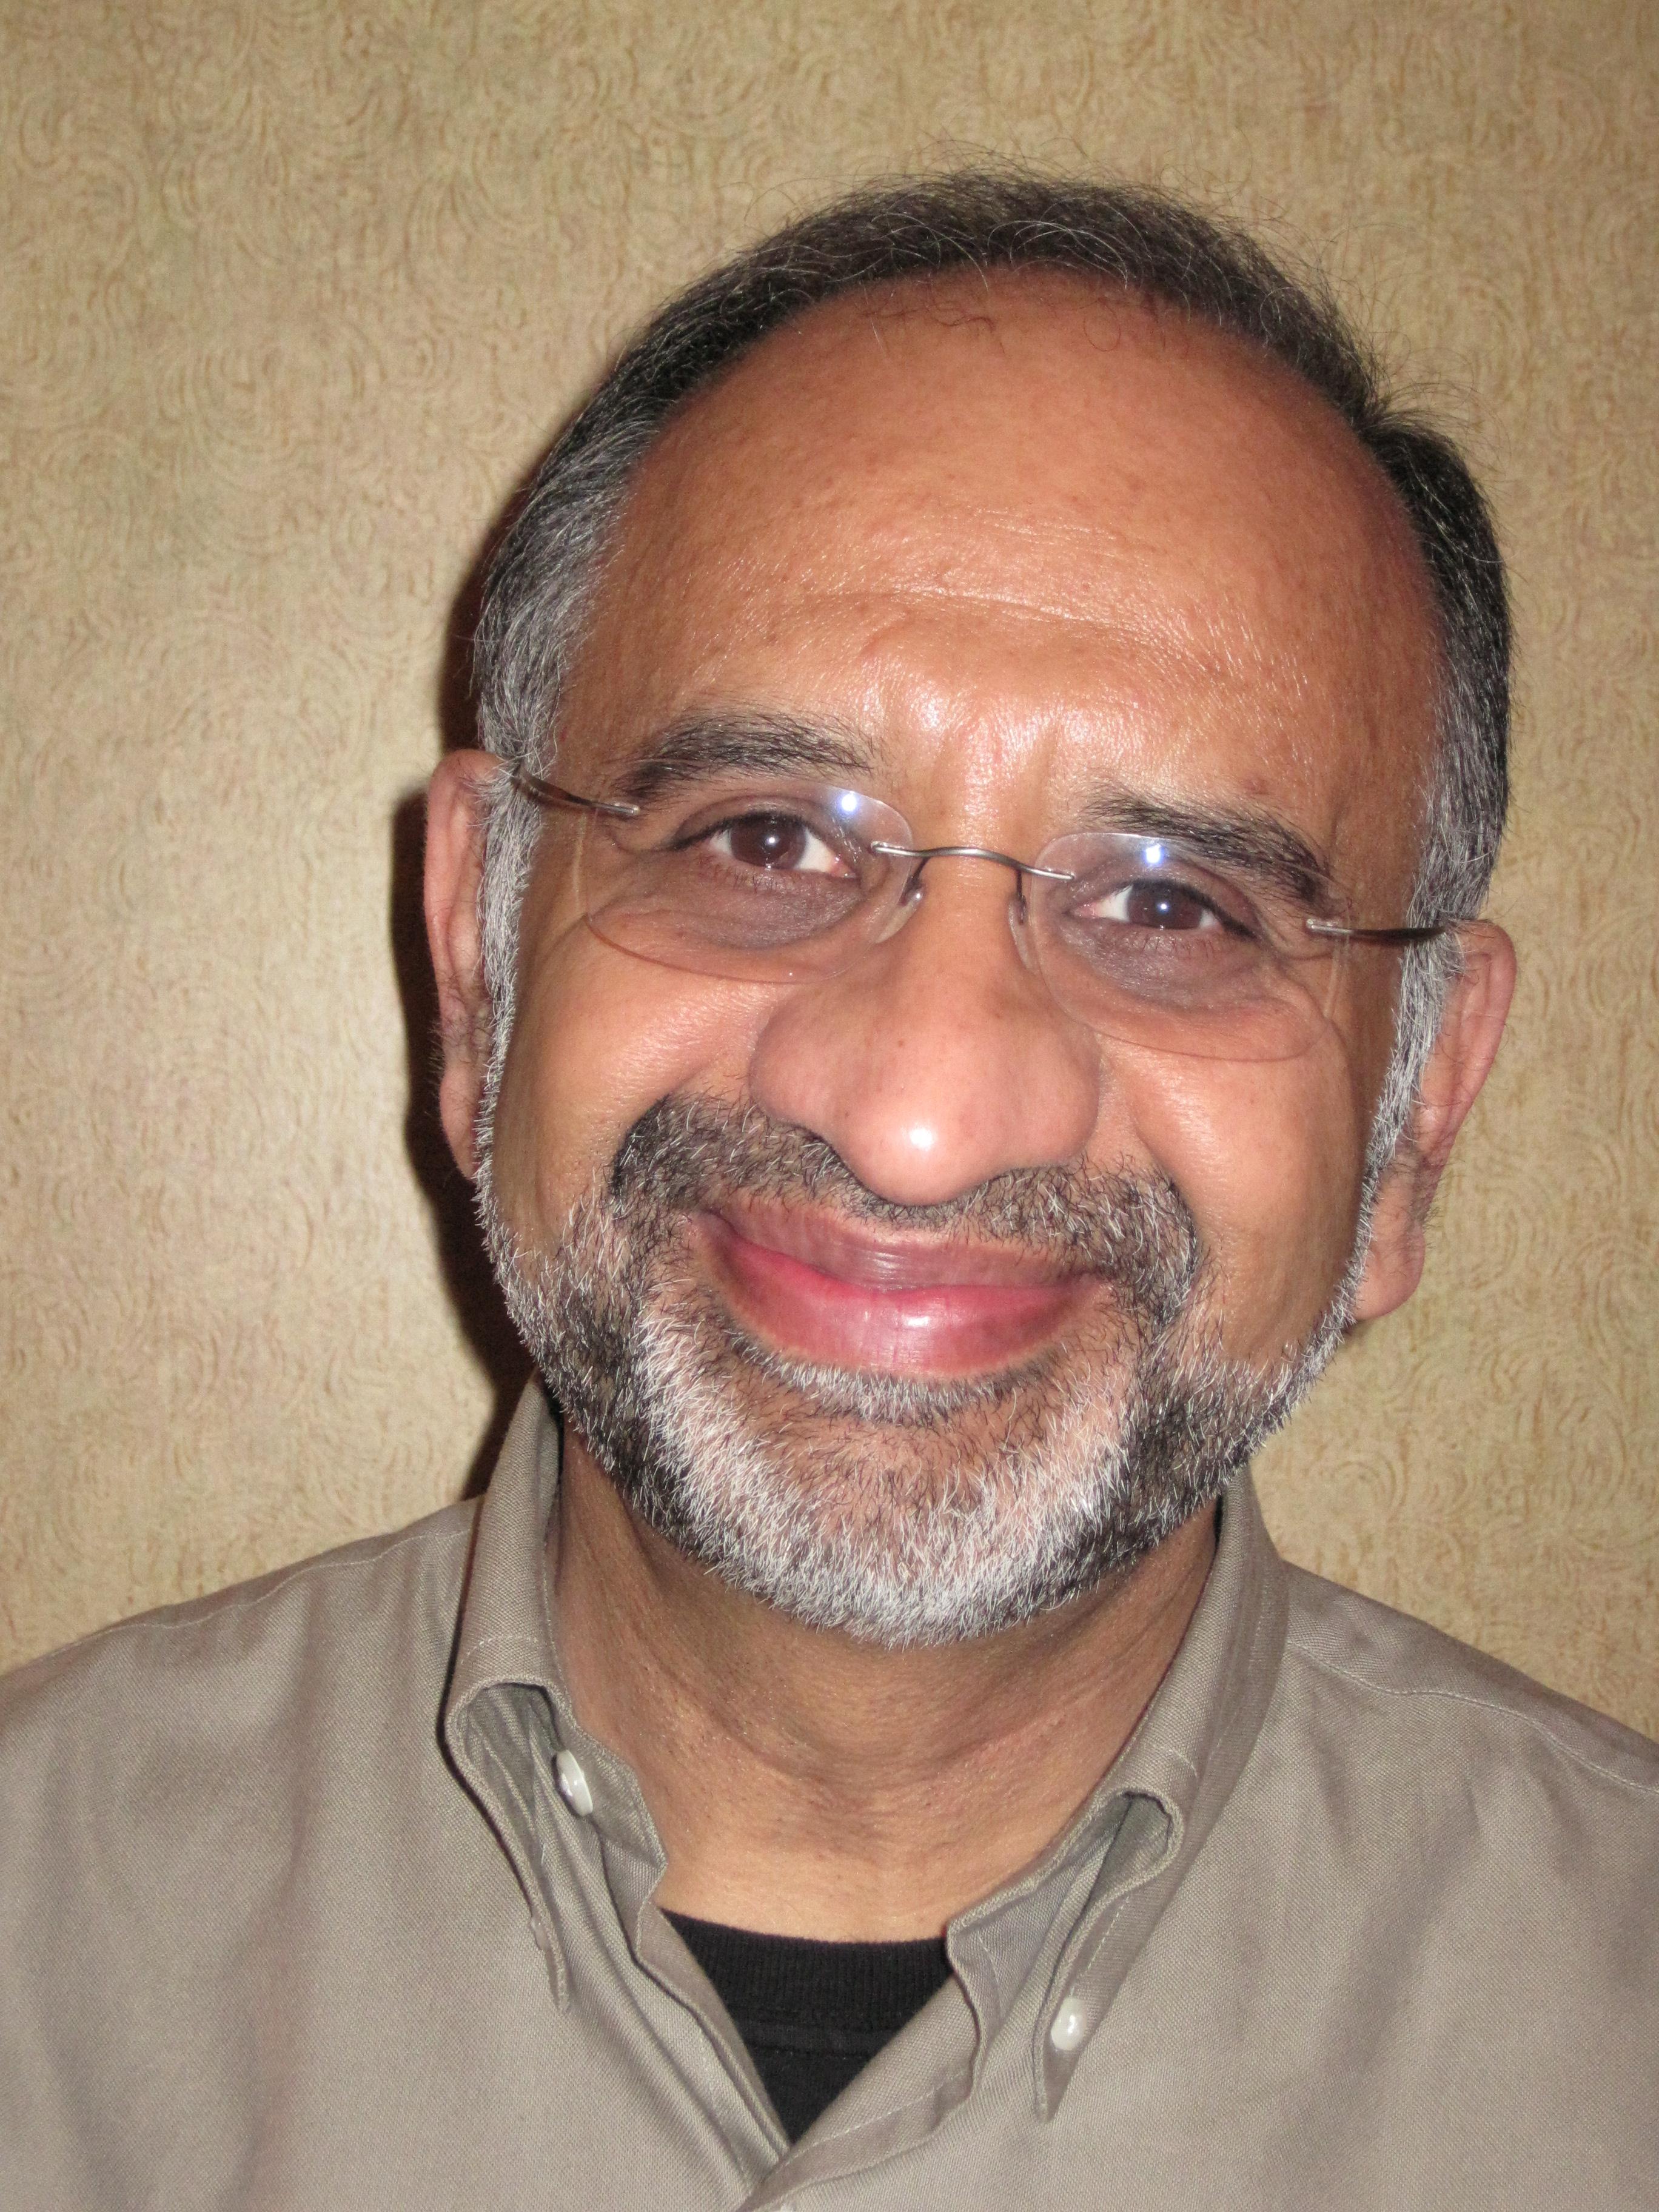 Azmat Siddiqi